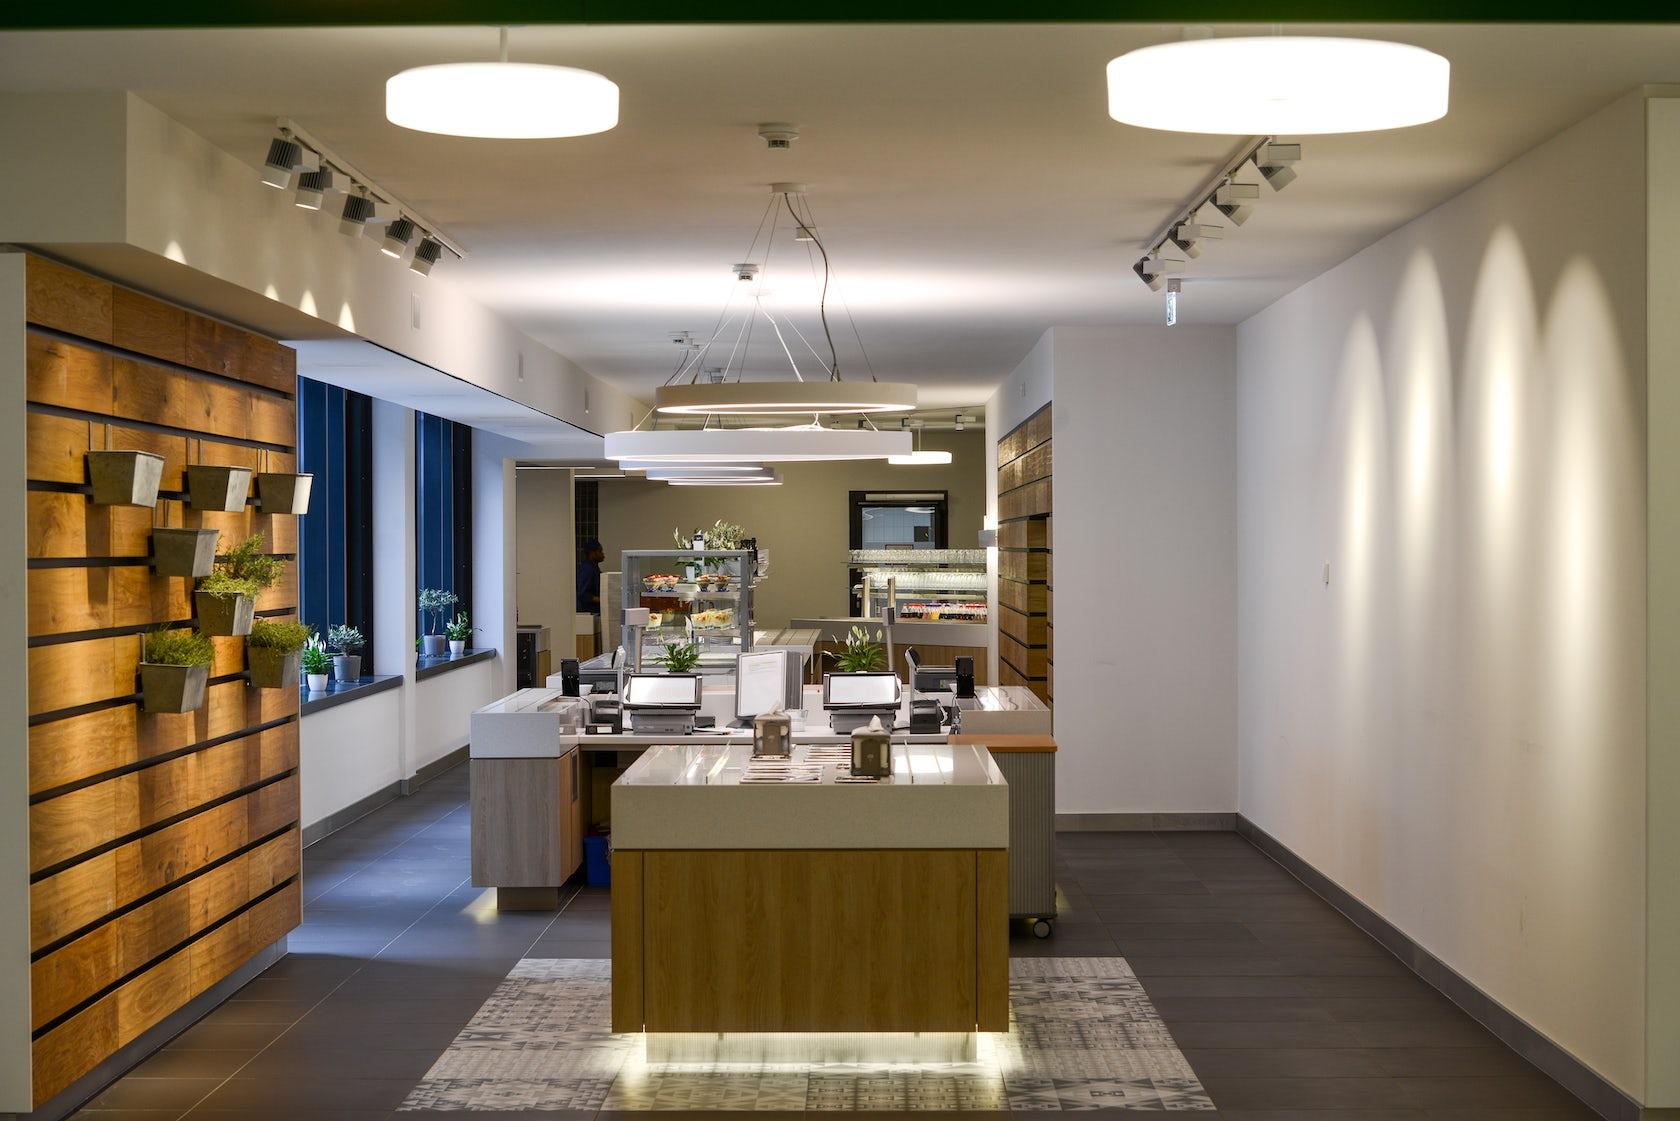 reemtsma cafeteria architizer. Black Bedroom Furniture Sets. Home Design Ideas